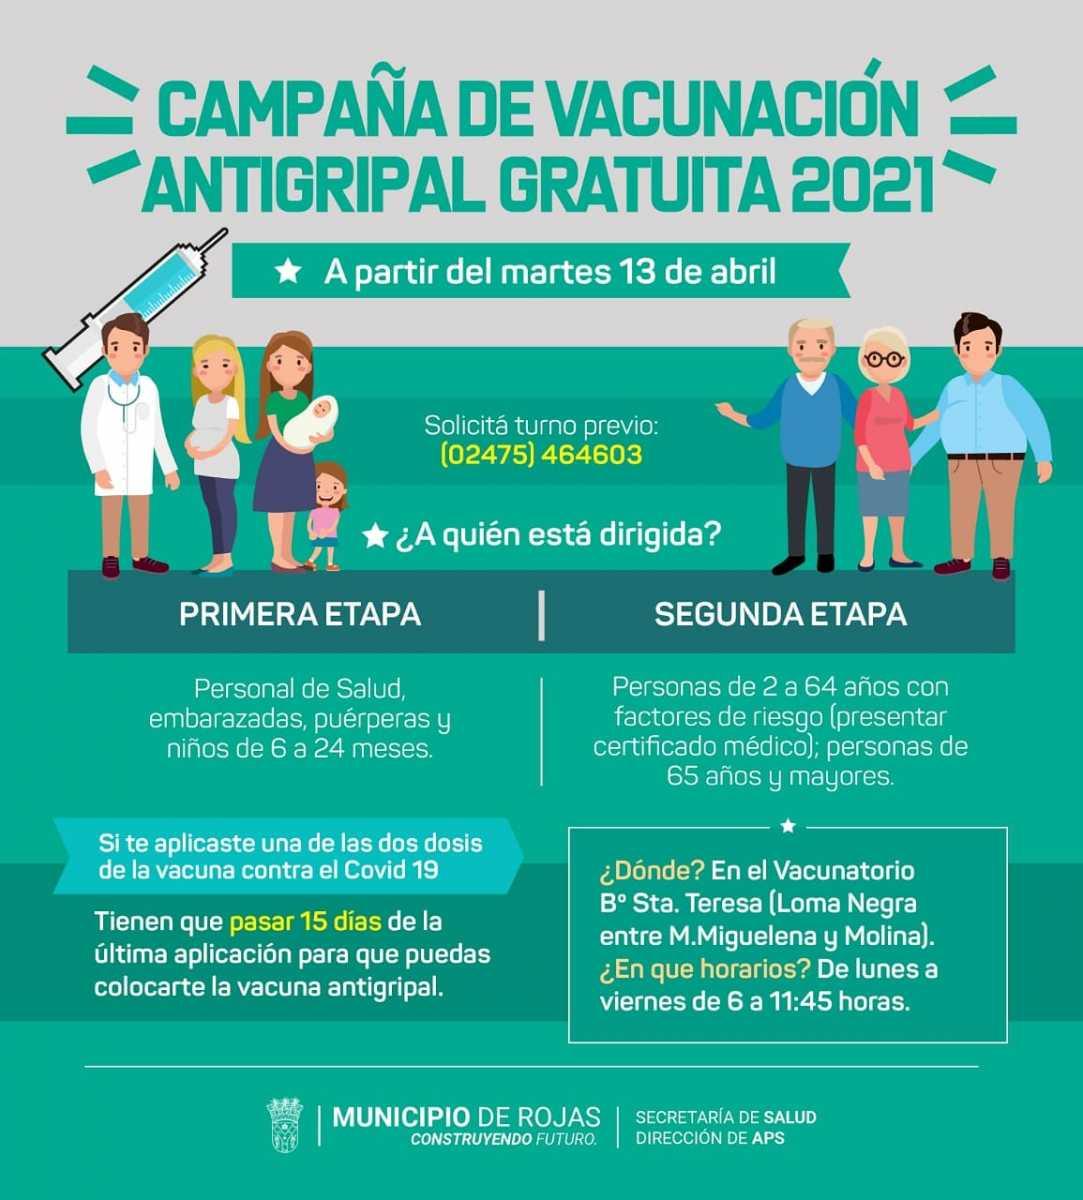 Comenzó la campaña de vacunación antigripal 2021